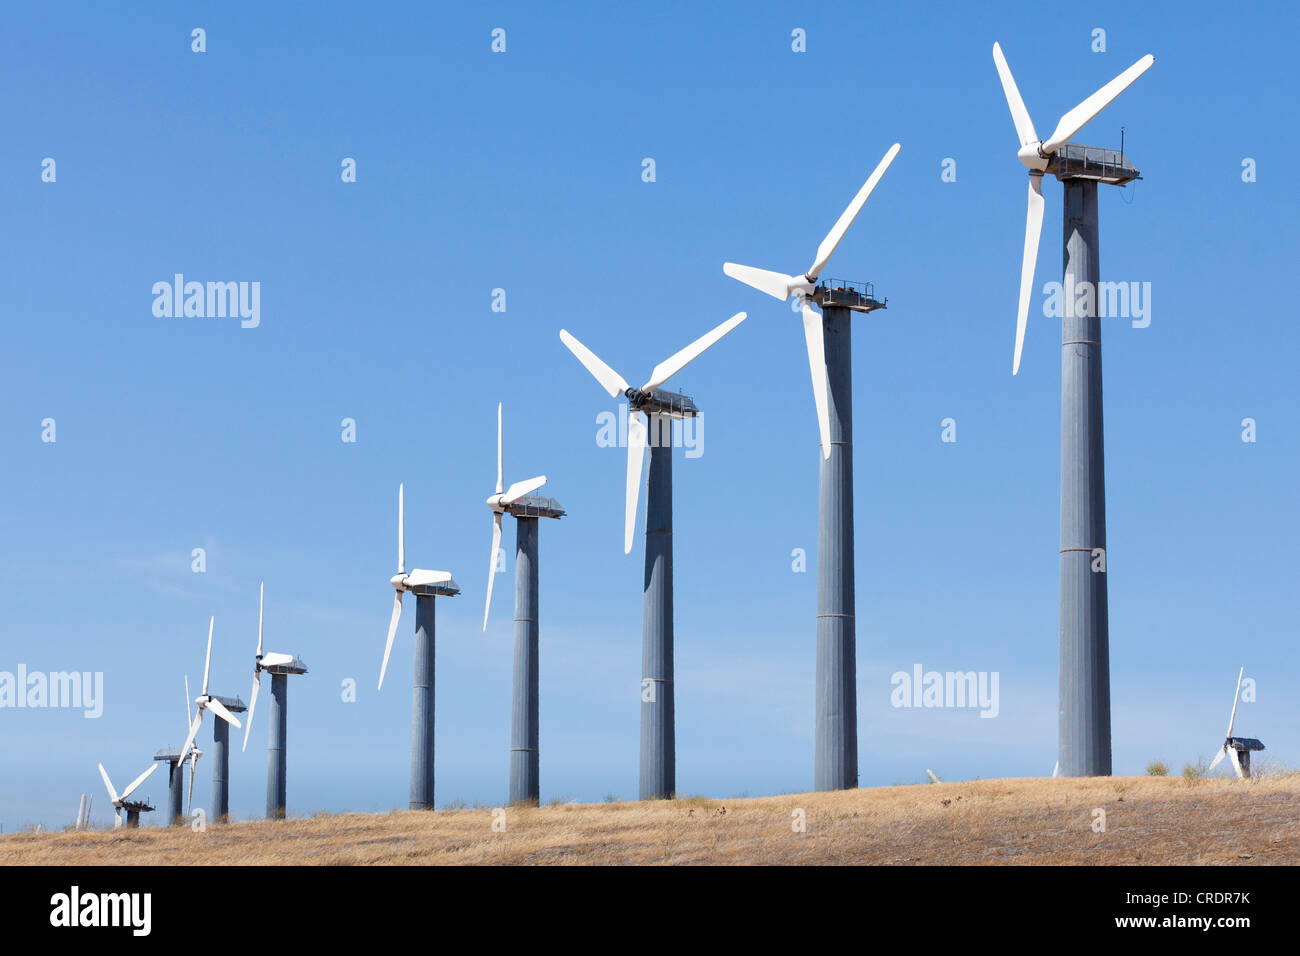 Windkraftanlagen in Windparks - Altamont Pass, Kalifornien, USA Stockbild